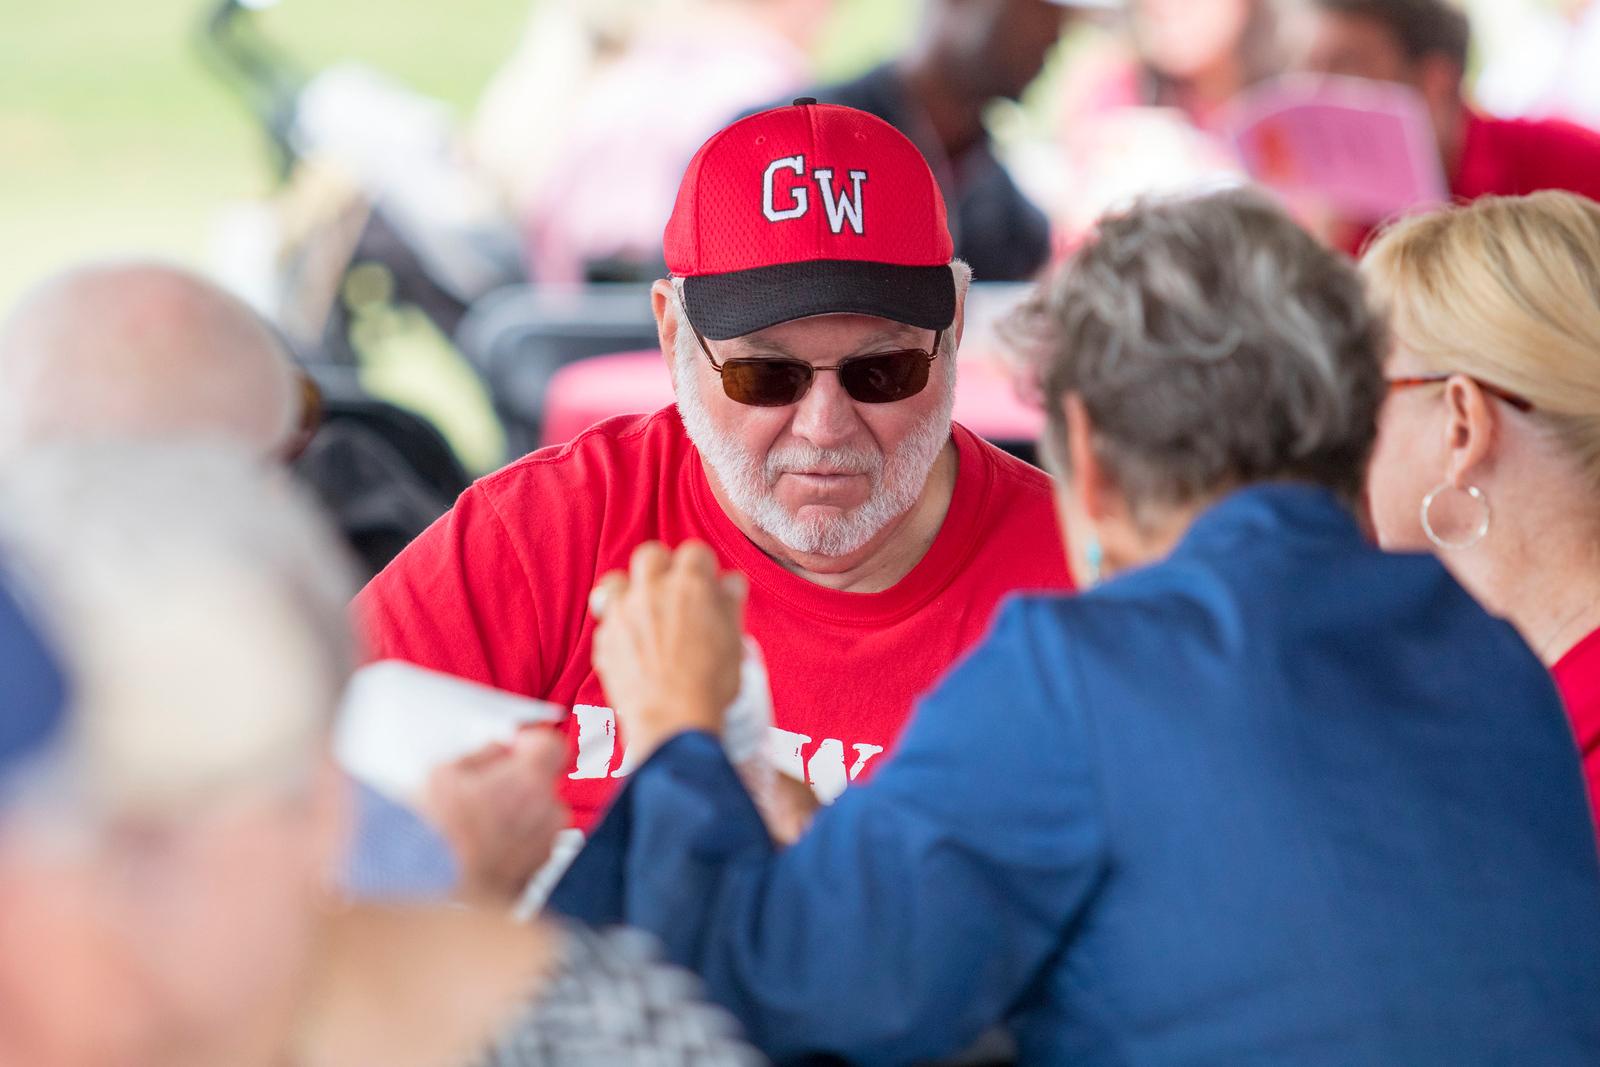 GWU Homecoming 2017